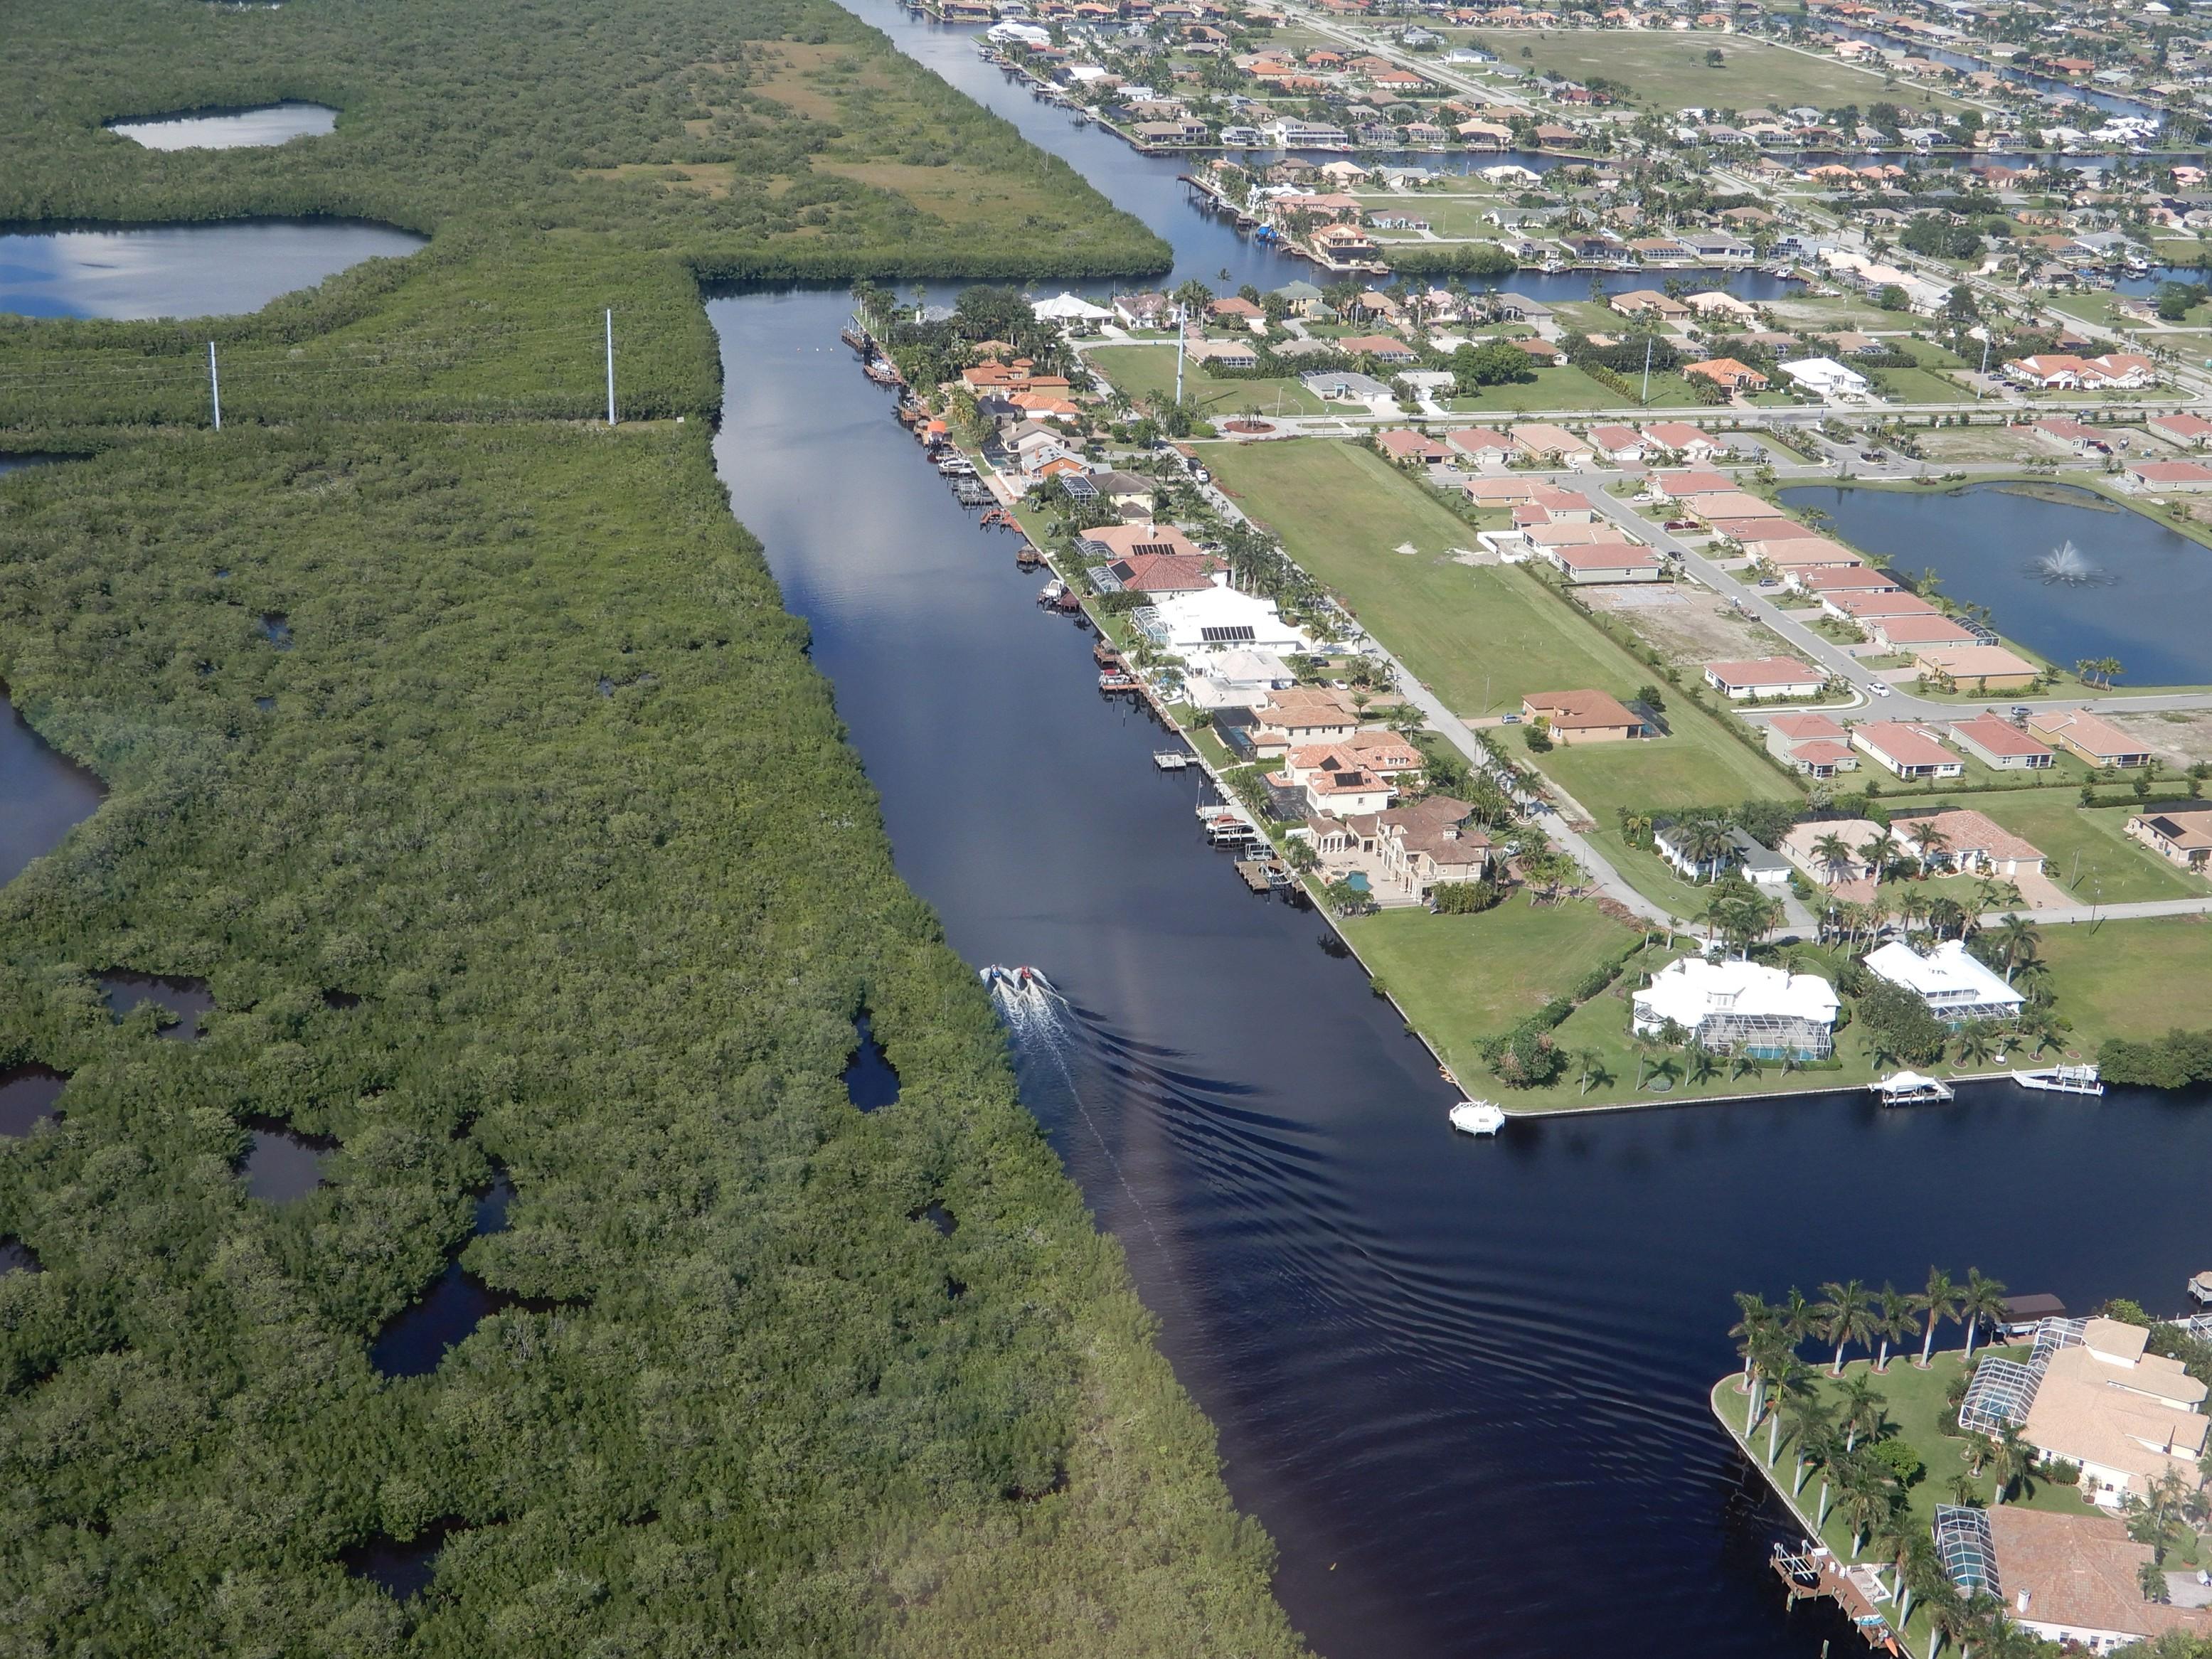 Spletitý systém vodních cest v luxusní čtvrti Cape Coral, kde má každý dům kromě garáže i přistup k vodnímu kanálu a kotvící místo pro svou loď.